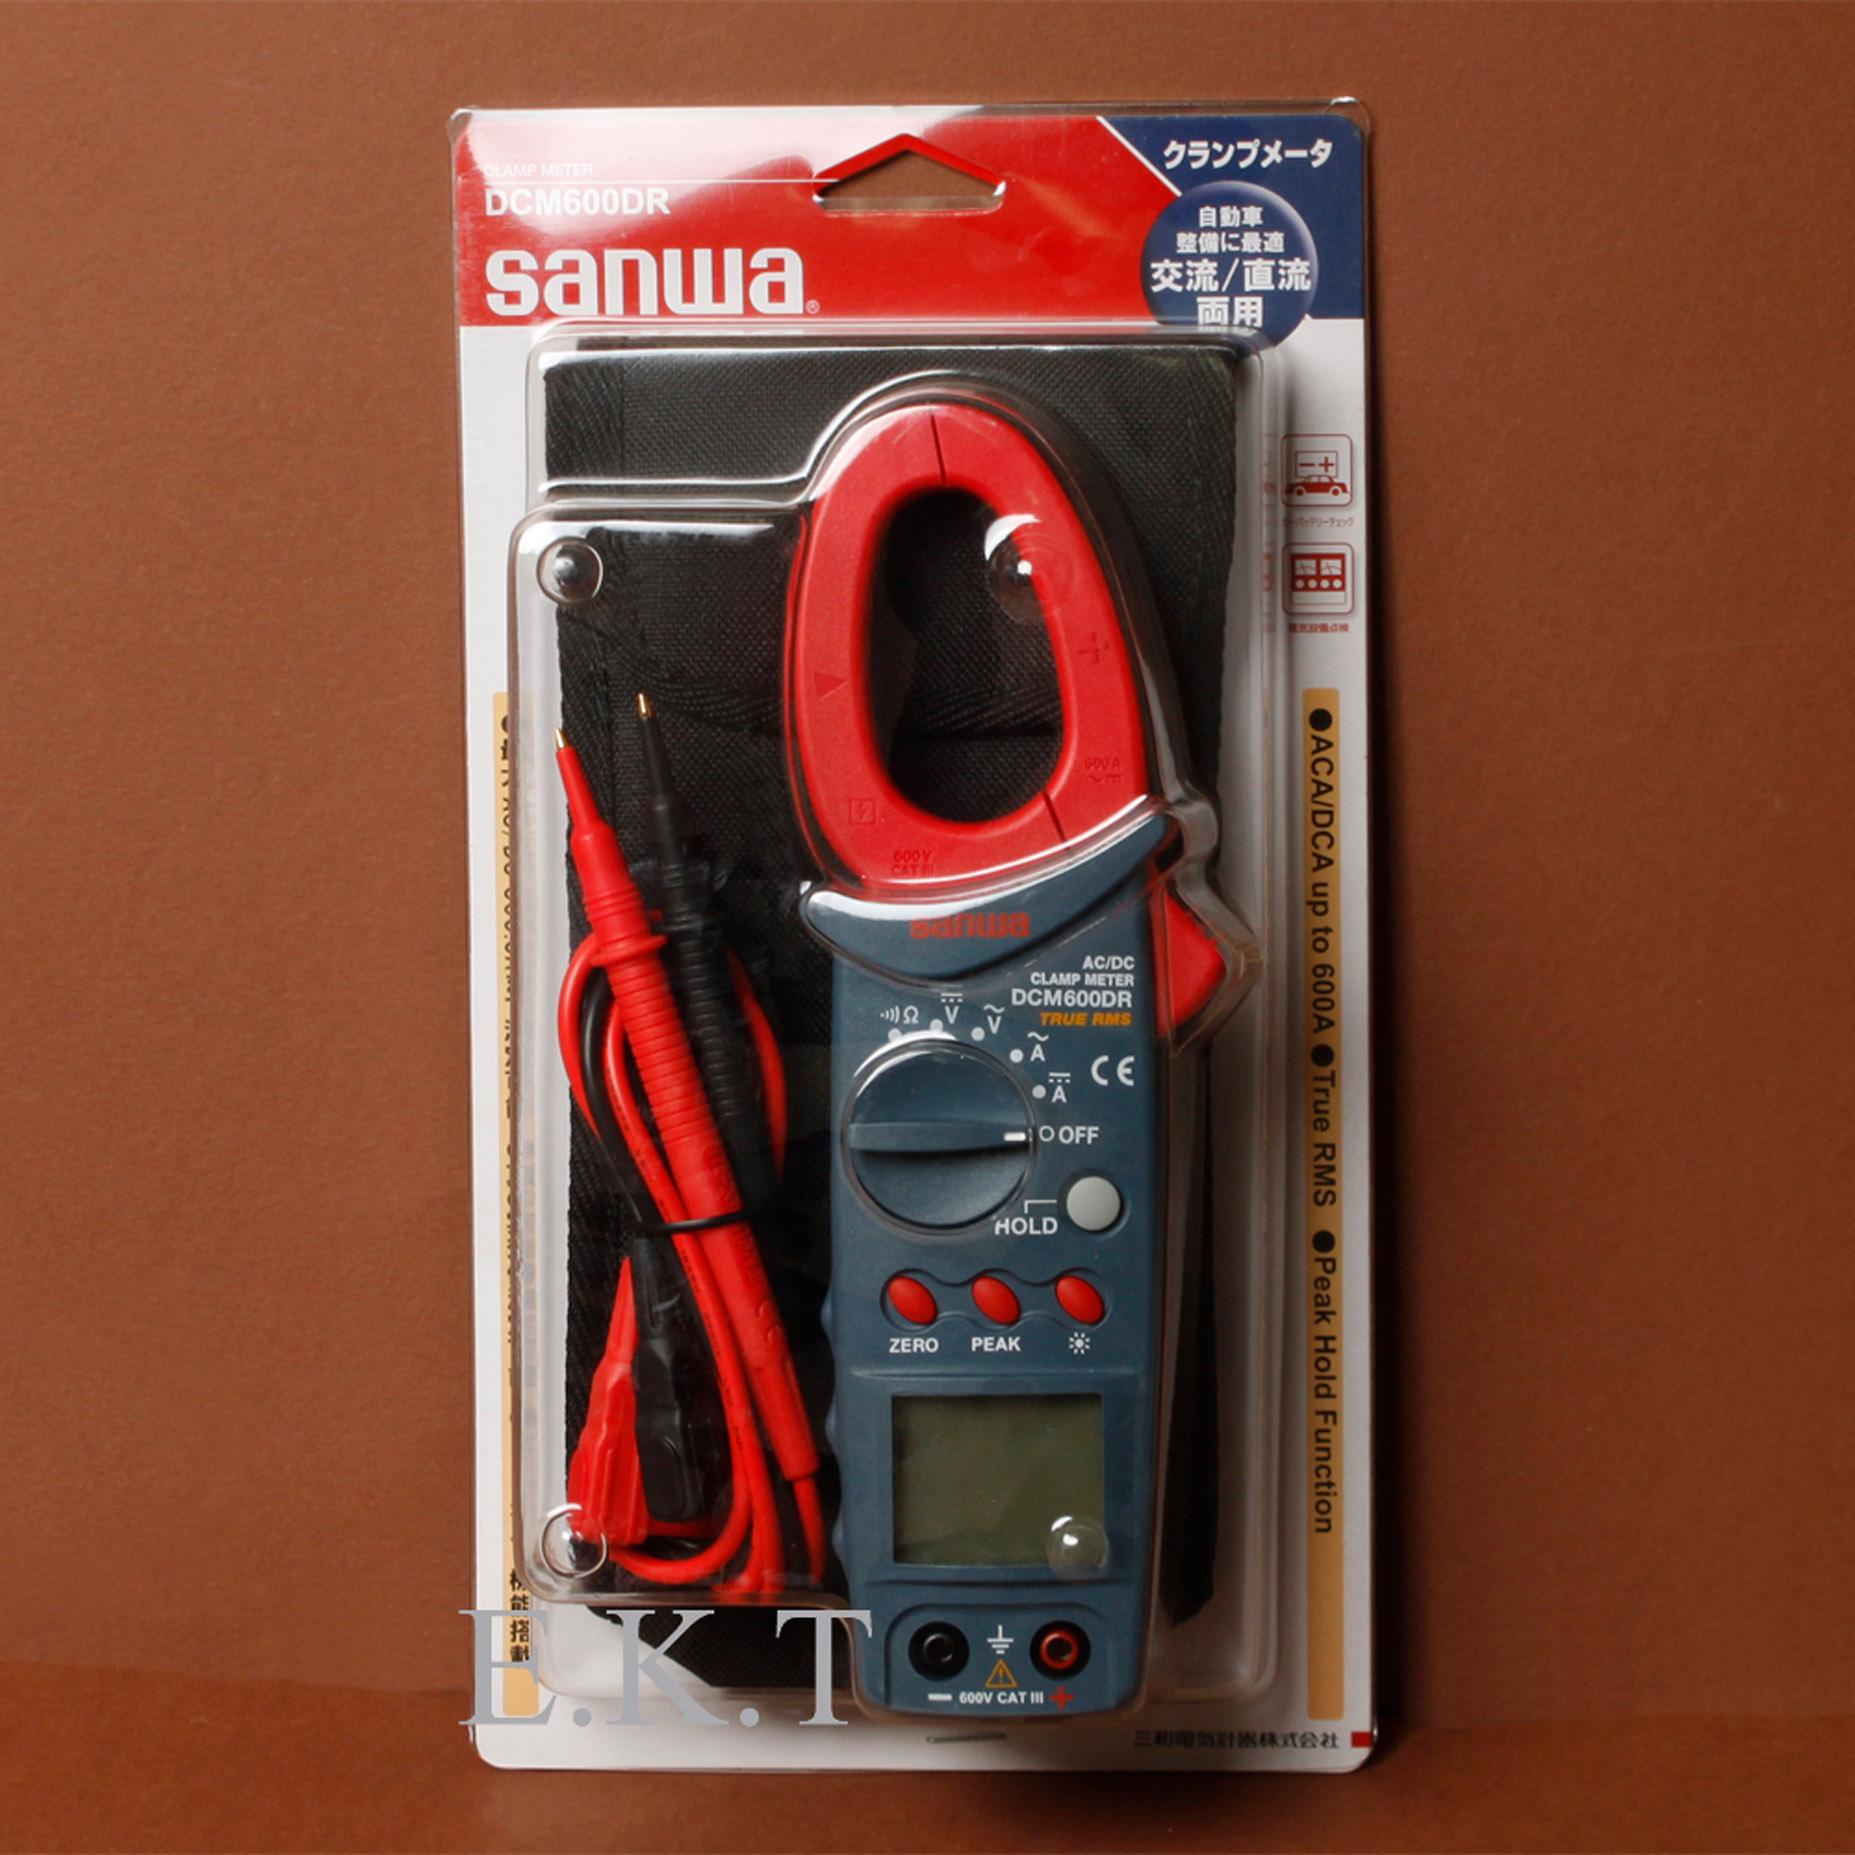 Harga Jual Sanwa Dcm600dr Dc Ac True Rms Tang Ampere Digital Clamp Meter Kyoritsu 2040 Spesifikasi